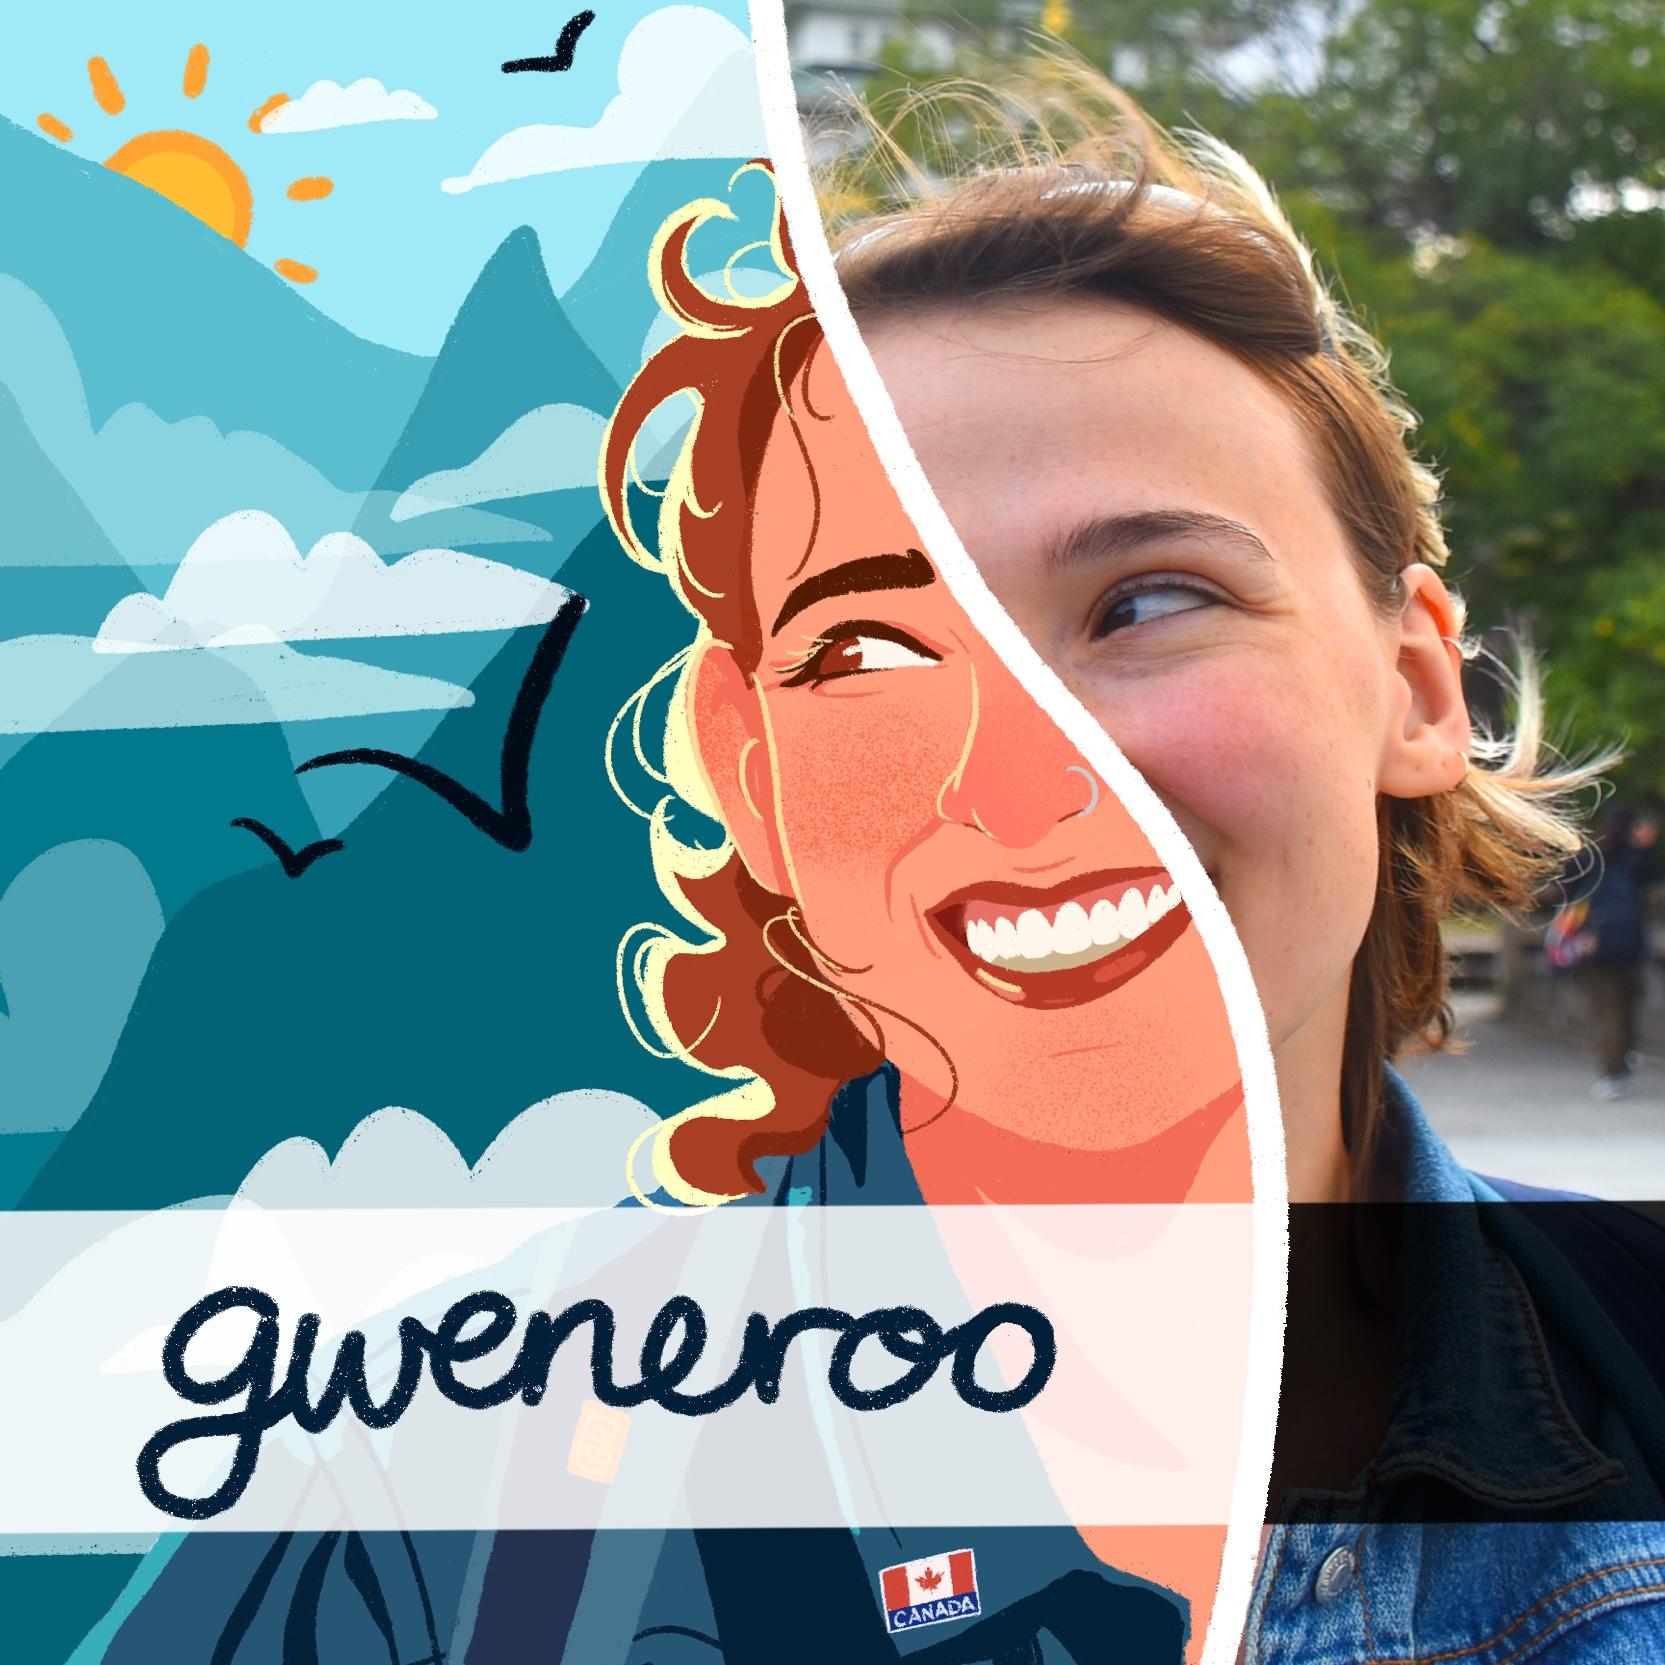 Gweneroo